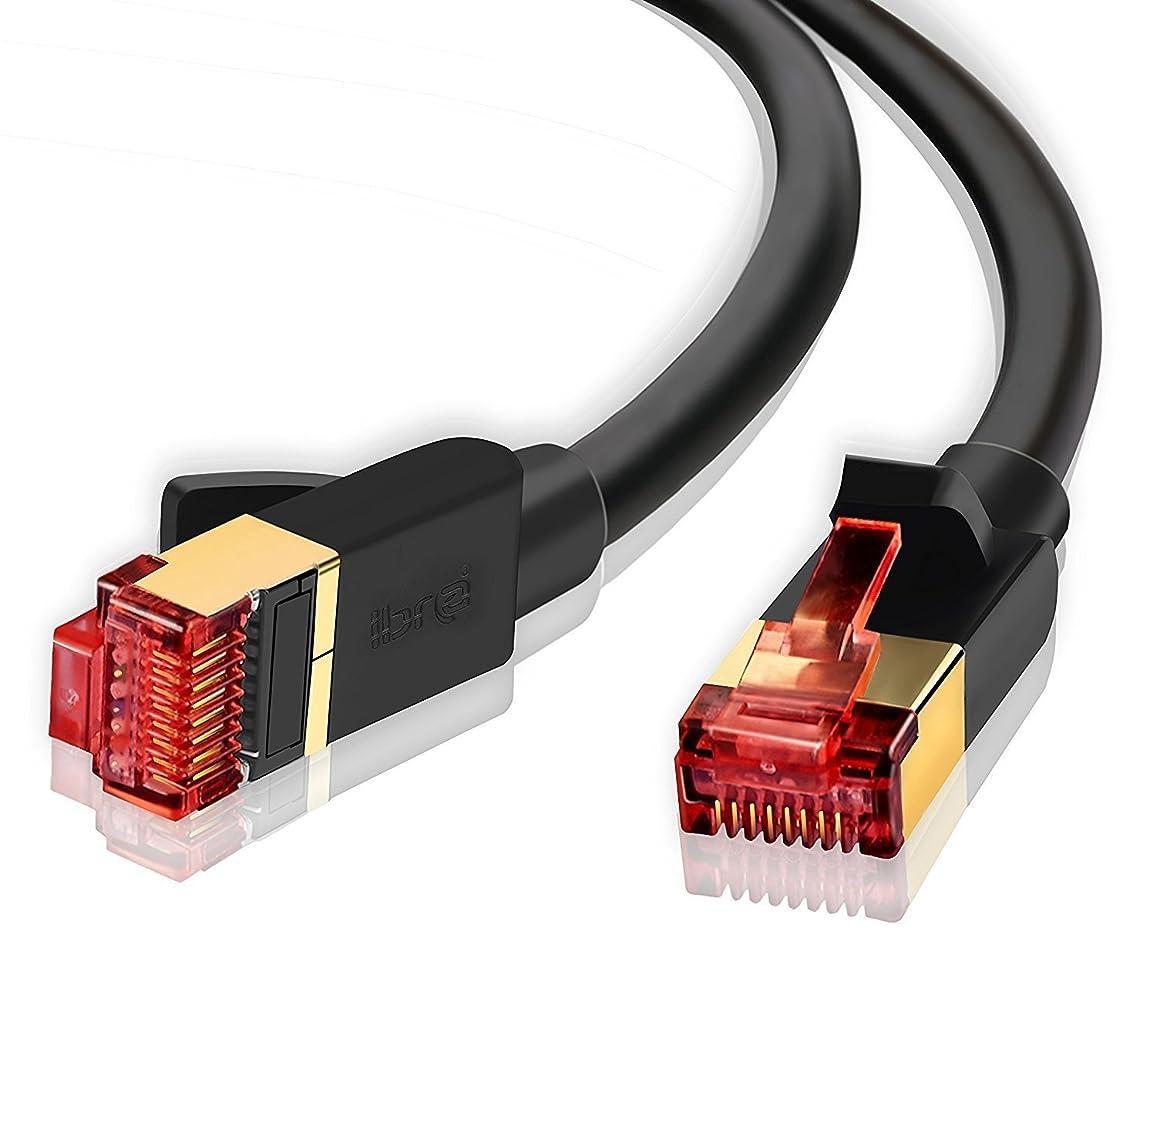 IBRA 2M(2 Pack) CAT7高速コンピュータルータゴールドメッキプラグSTPワイヤ高速プレミアム品質の猫7 LAN - 2m(2 Pack) - ブラック列はシールド